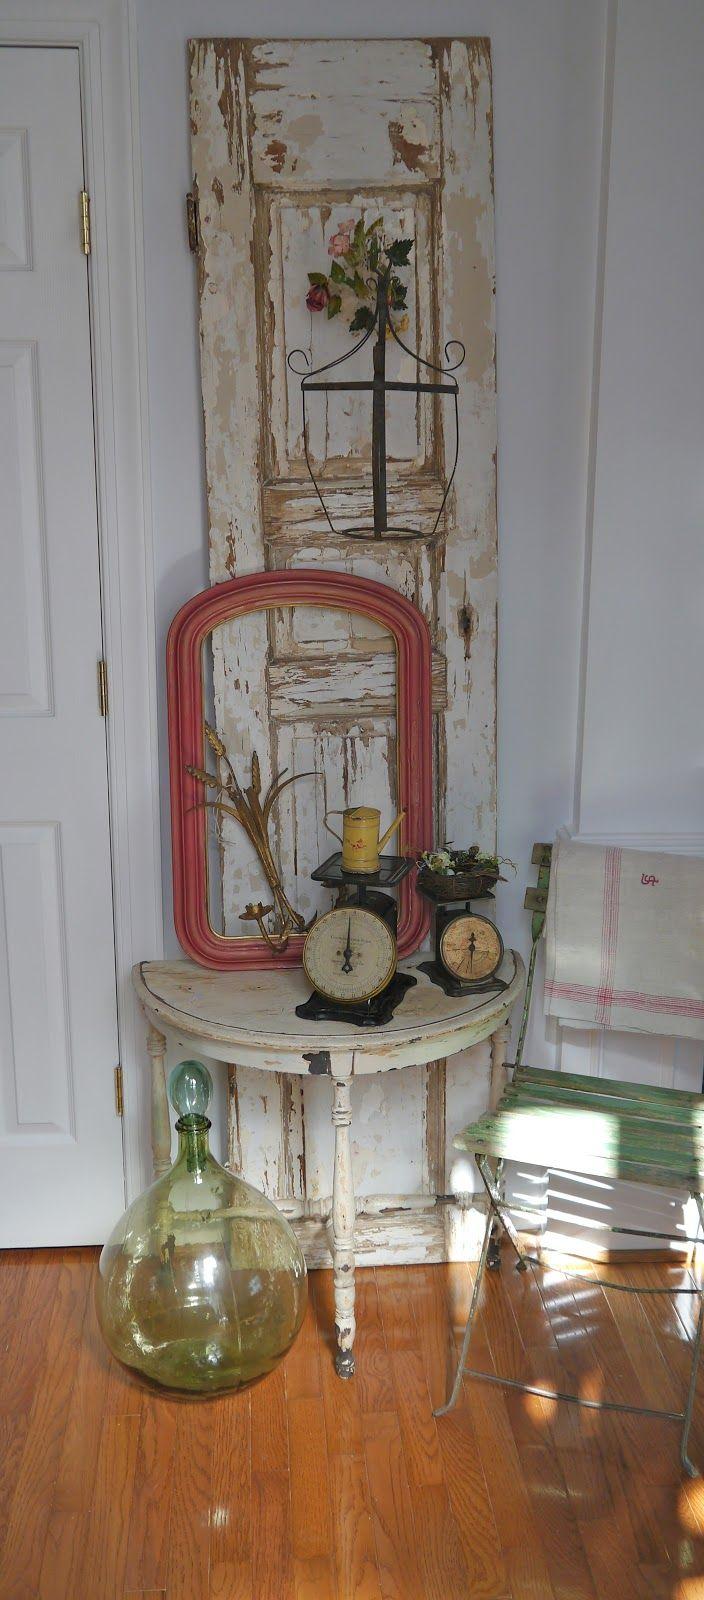 Antique looking medicine cabinets